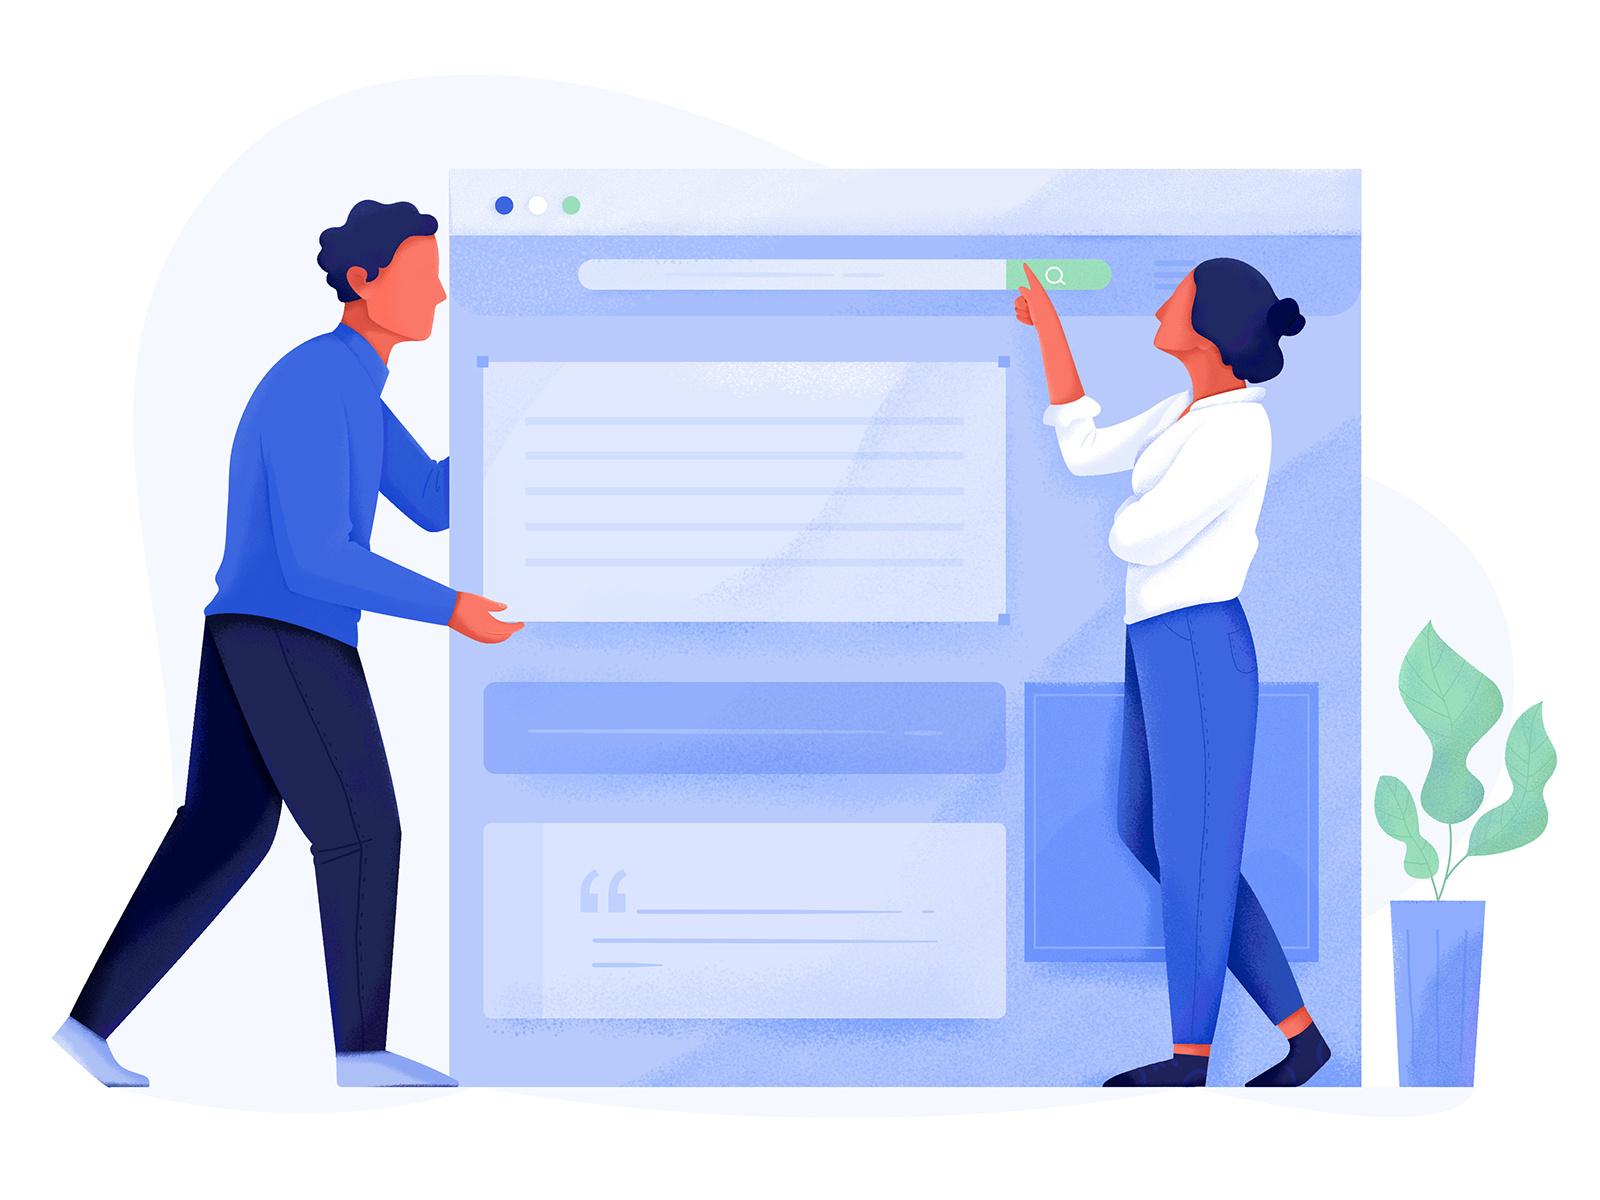 انتخاب برچسب ها نسبت به نیاز کاربر